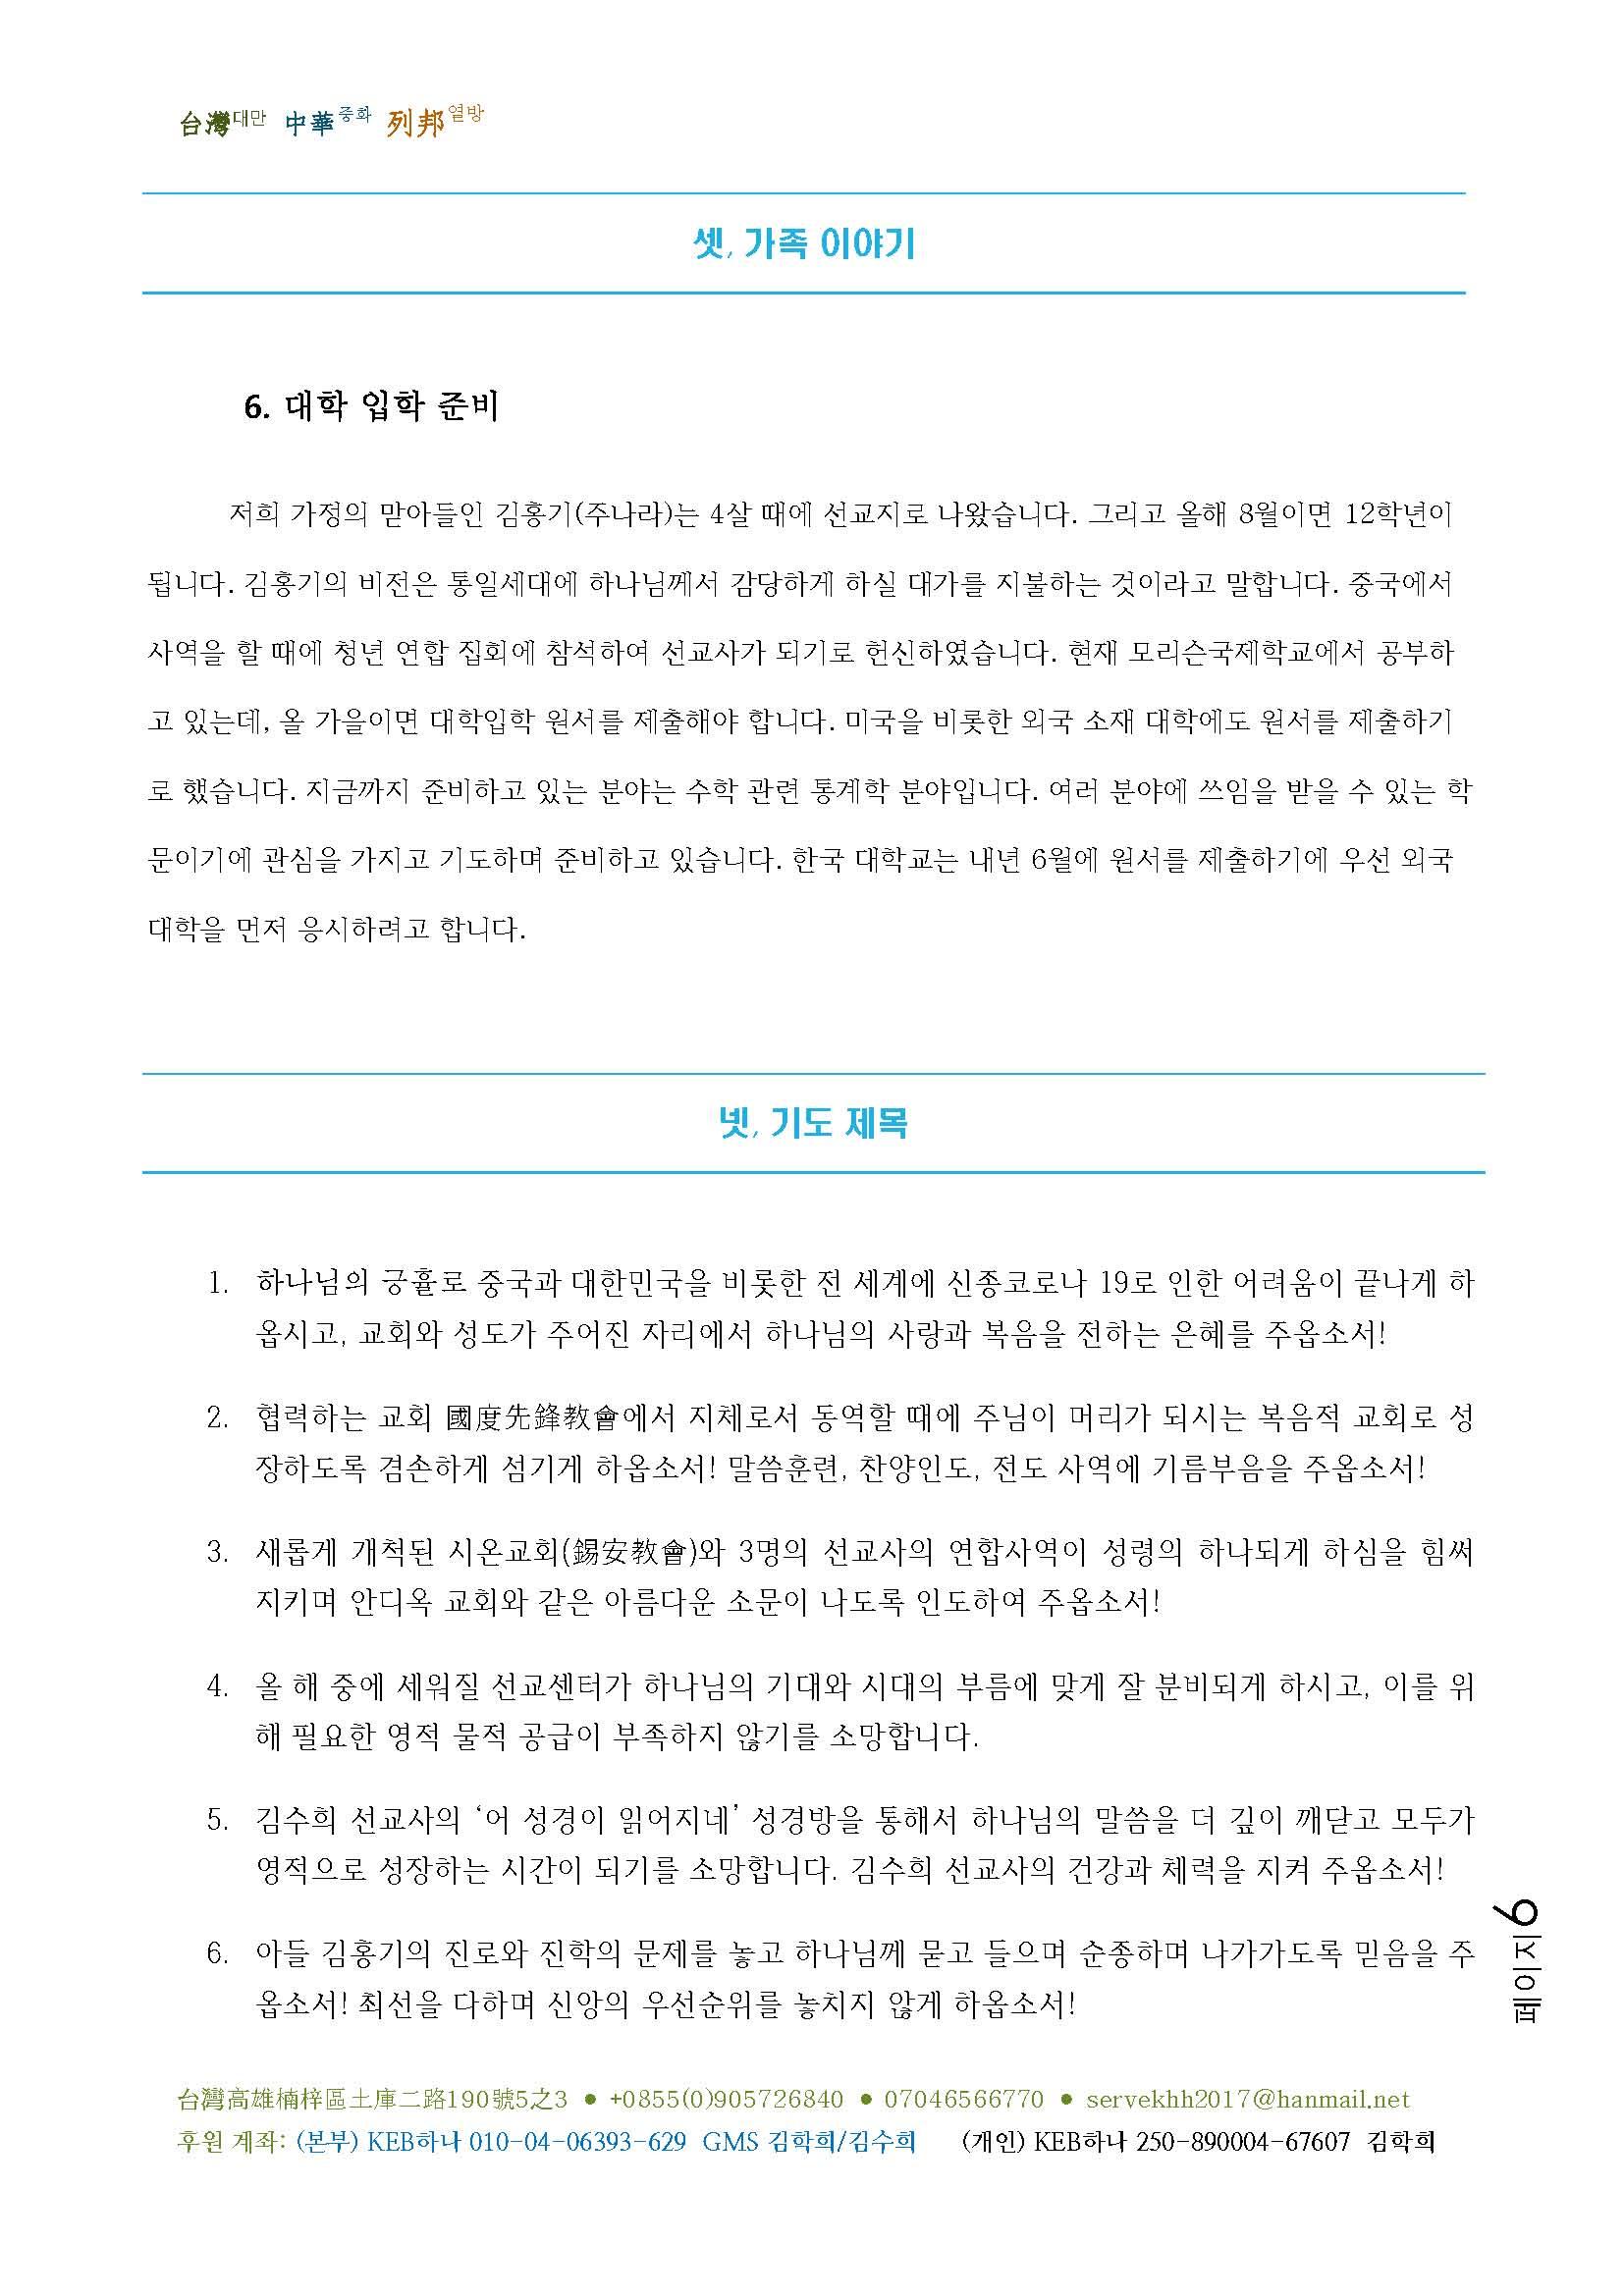 20200226선교기도편지(김학희 선교사)_페이지_6.jpg